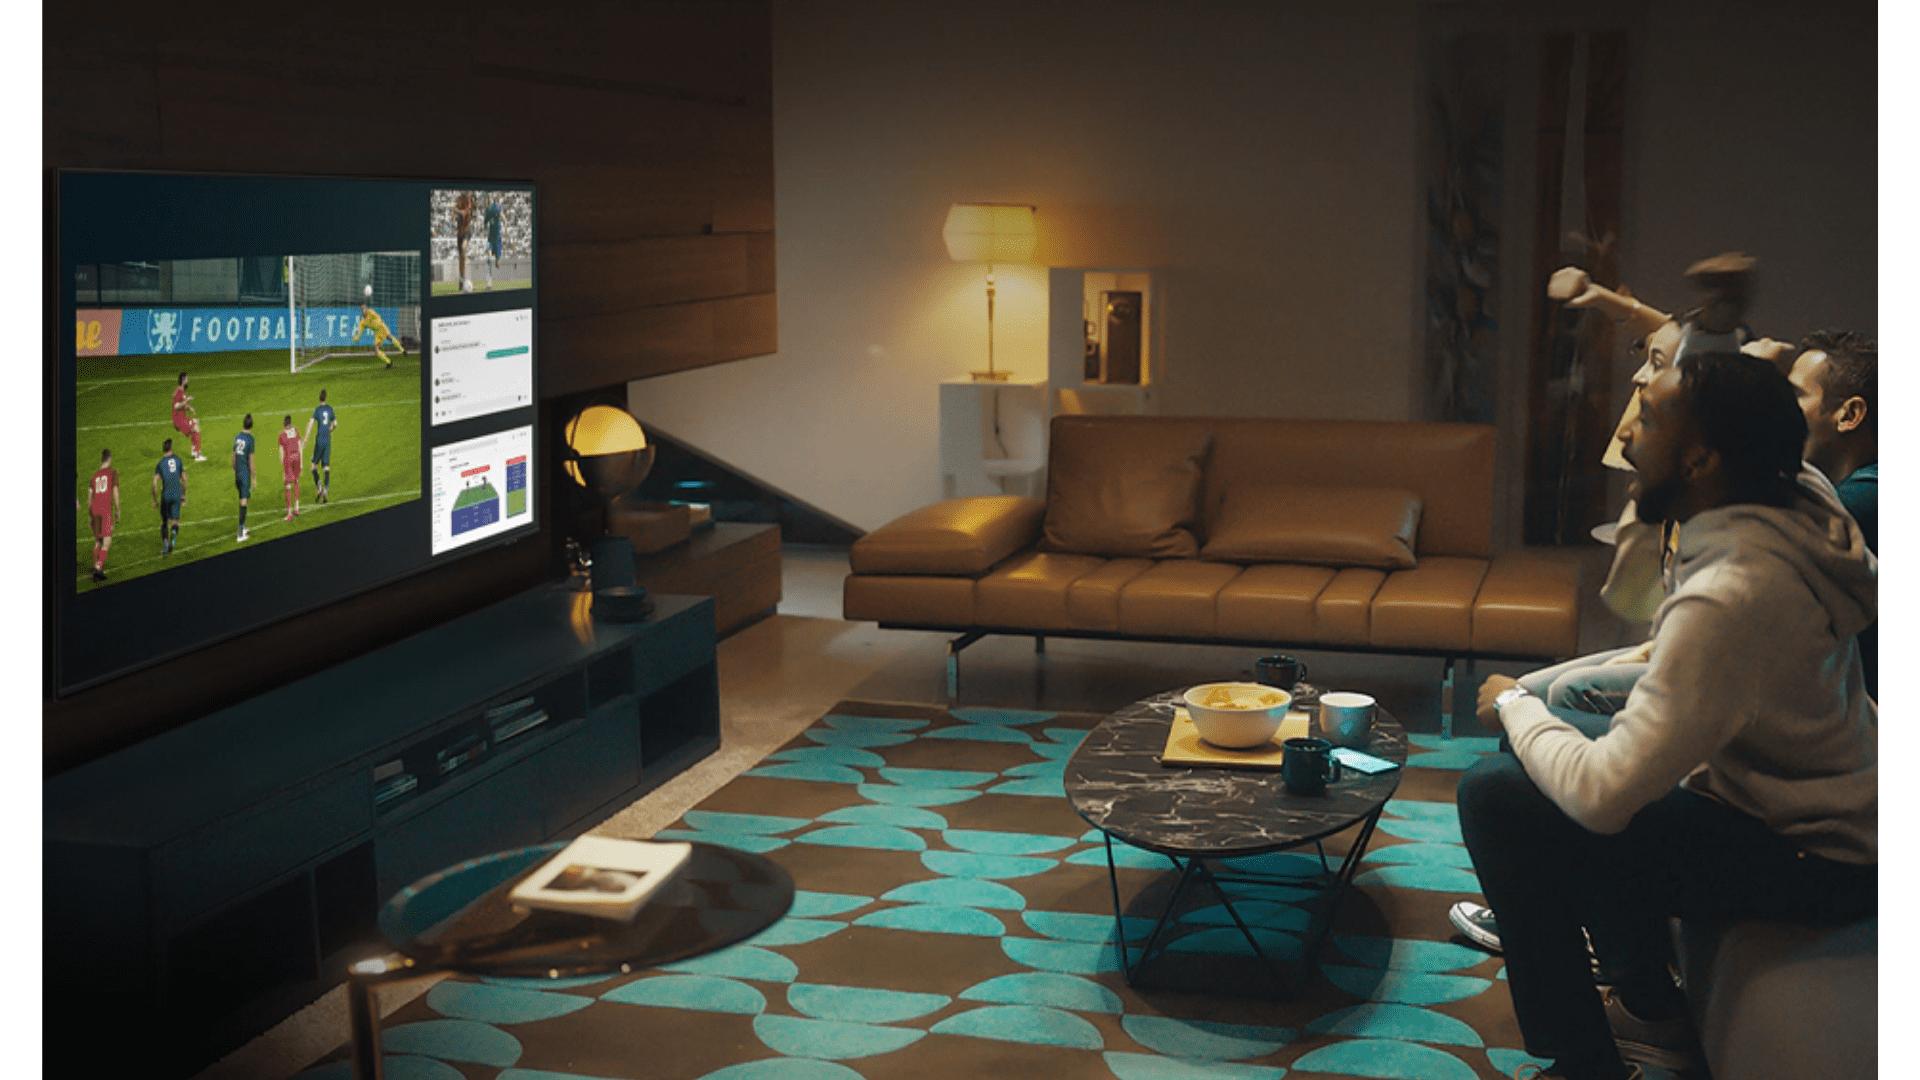 Divida sua TV Samsung em 4 telas com a multitelas da Samsung. (Imagem: Divulgação/Samsung)